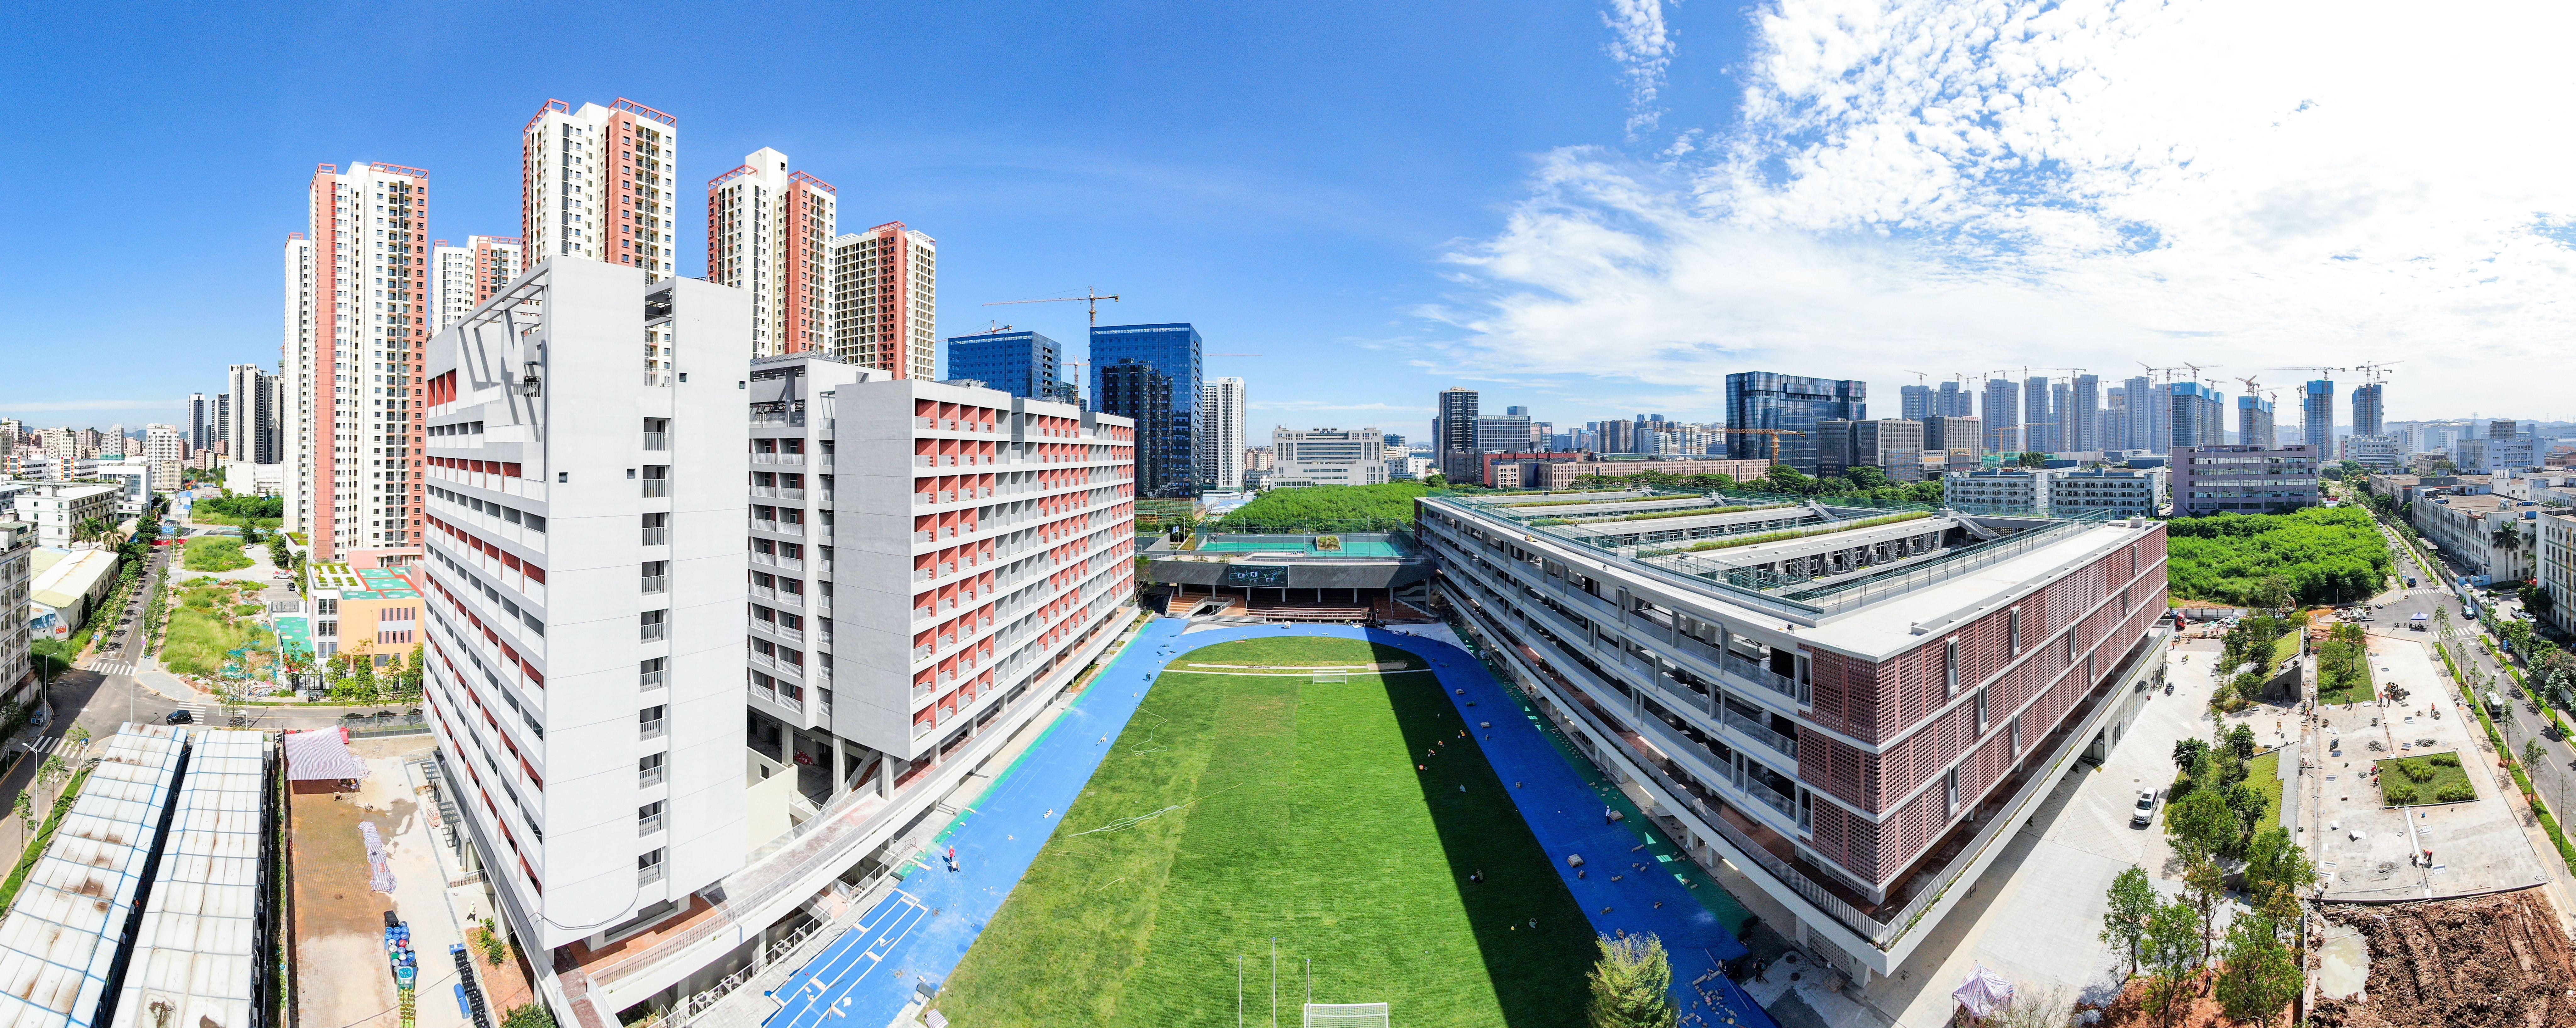 学校像公园、装备高精尖,深大附属实验中学竣工